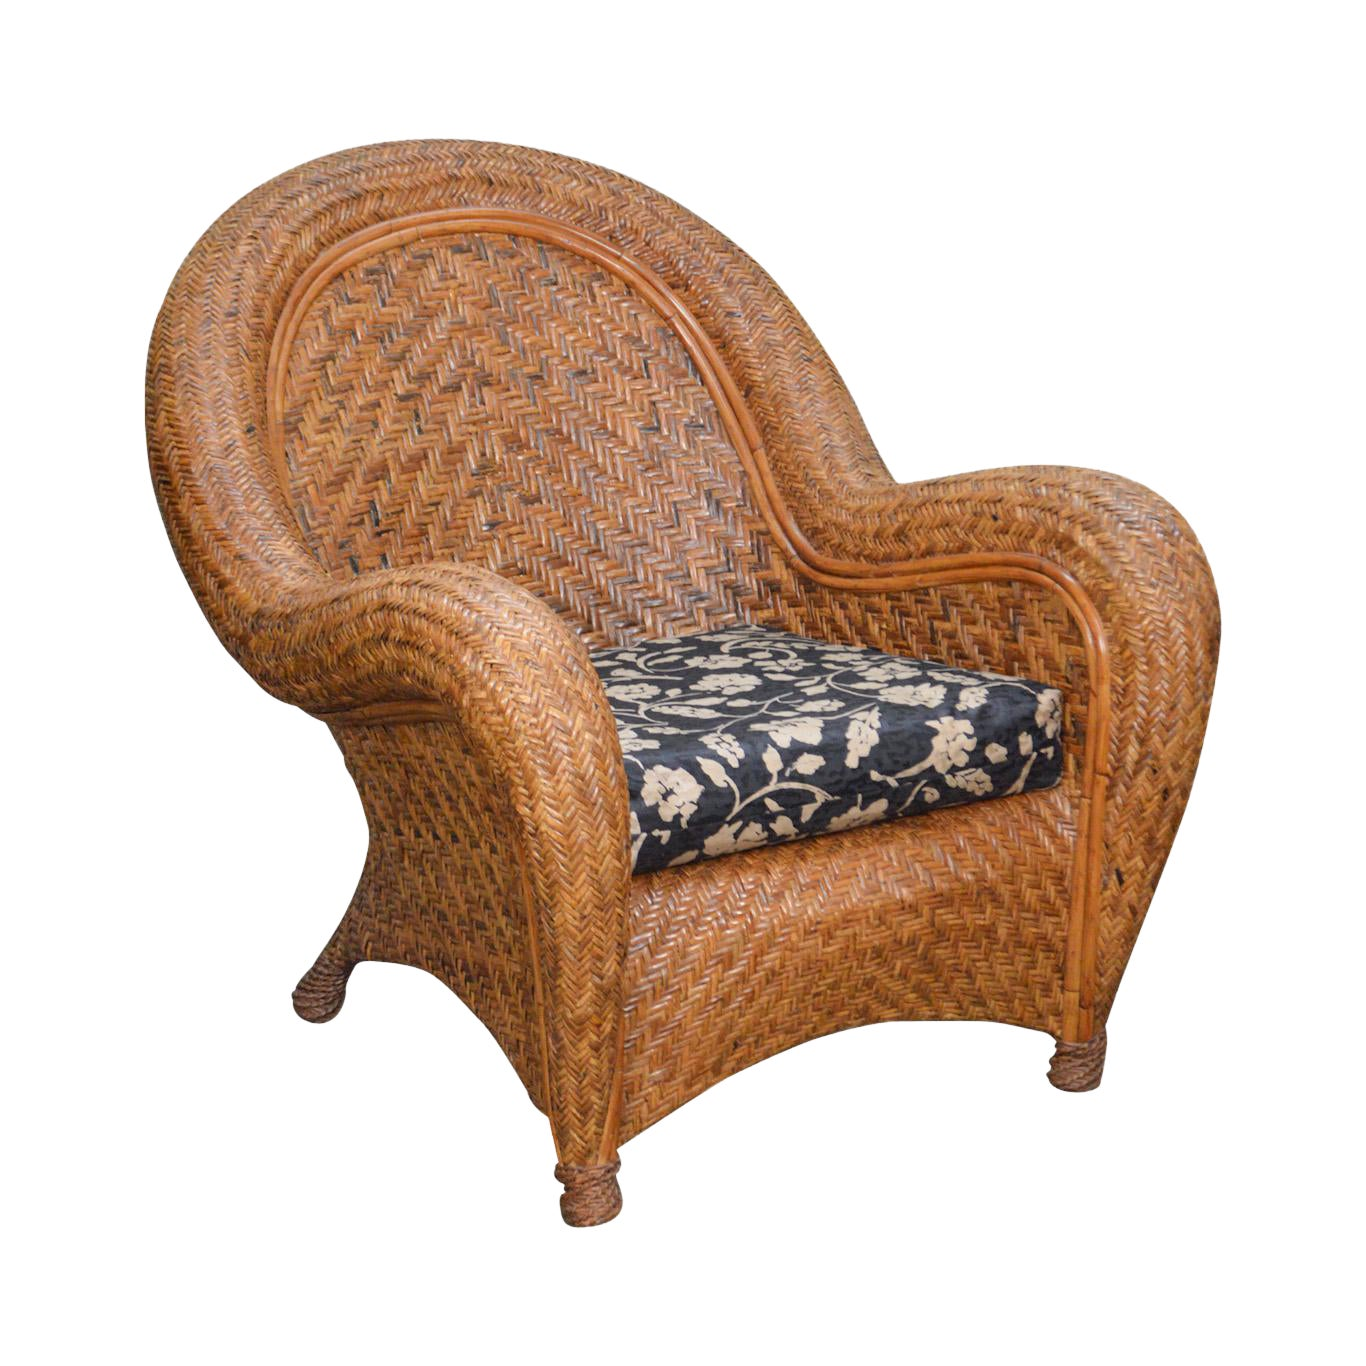 Pottery Barn Malabar Woven Wicker Rattan Lounge Chair